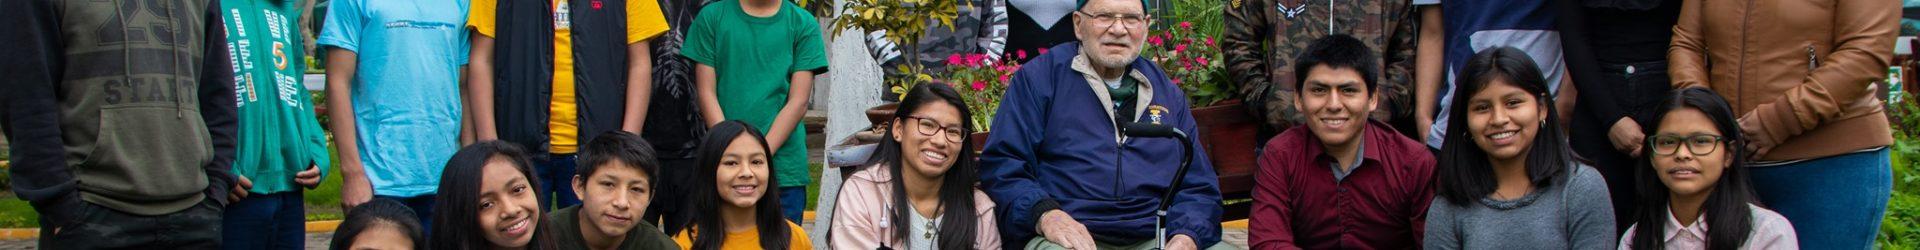 Témoignage de Julien Fonteneau, volontaire VSI au Pérou